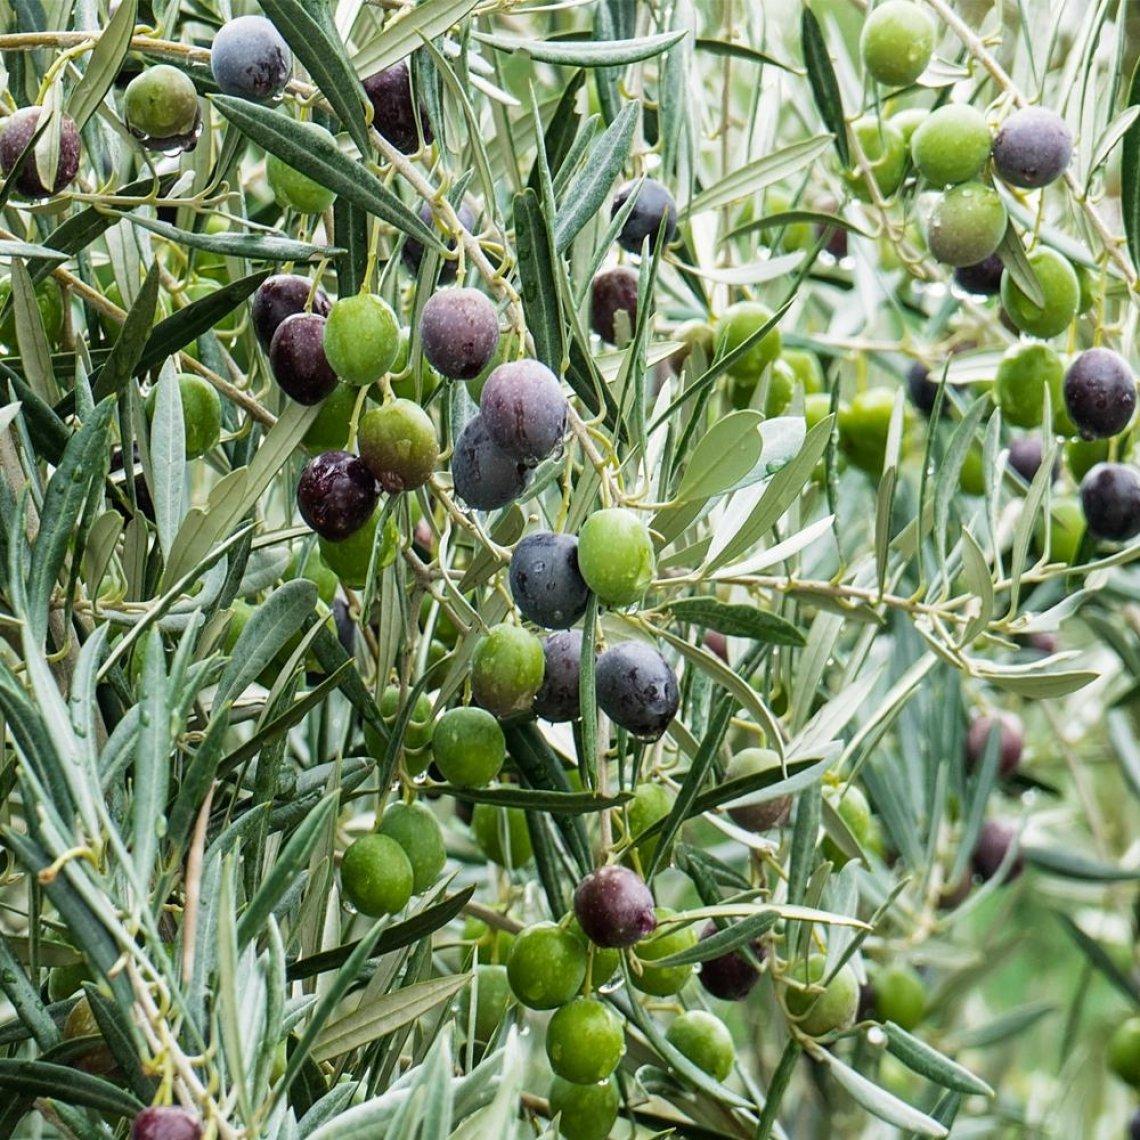 Come capire la corretta maturazione delle olive, dall'analisi colorimetrica al NIR